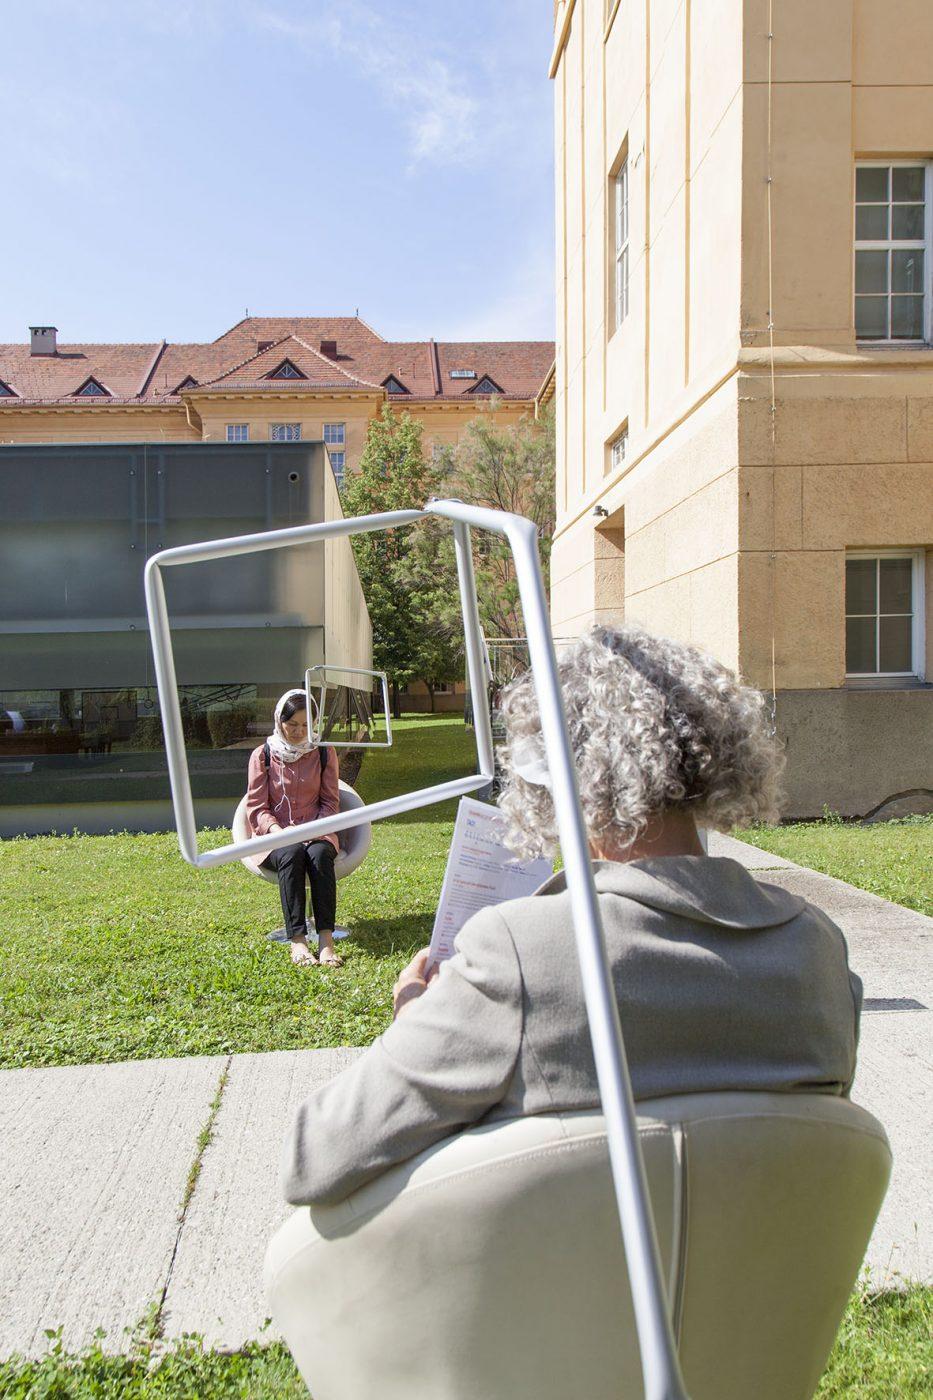 2 Frauen sitzen auf Stühlen, vor sich leere Bilderrahmen - eine der Stationen von